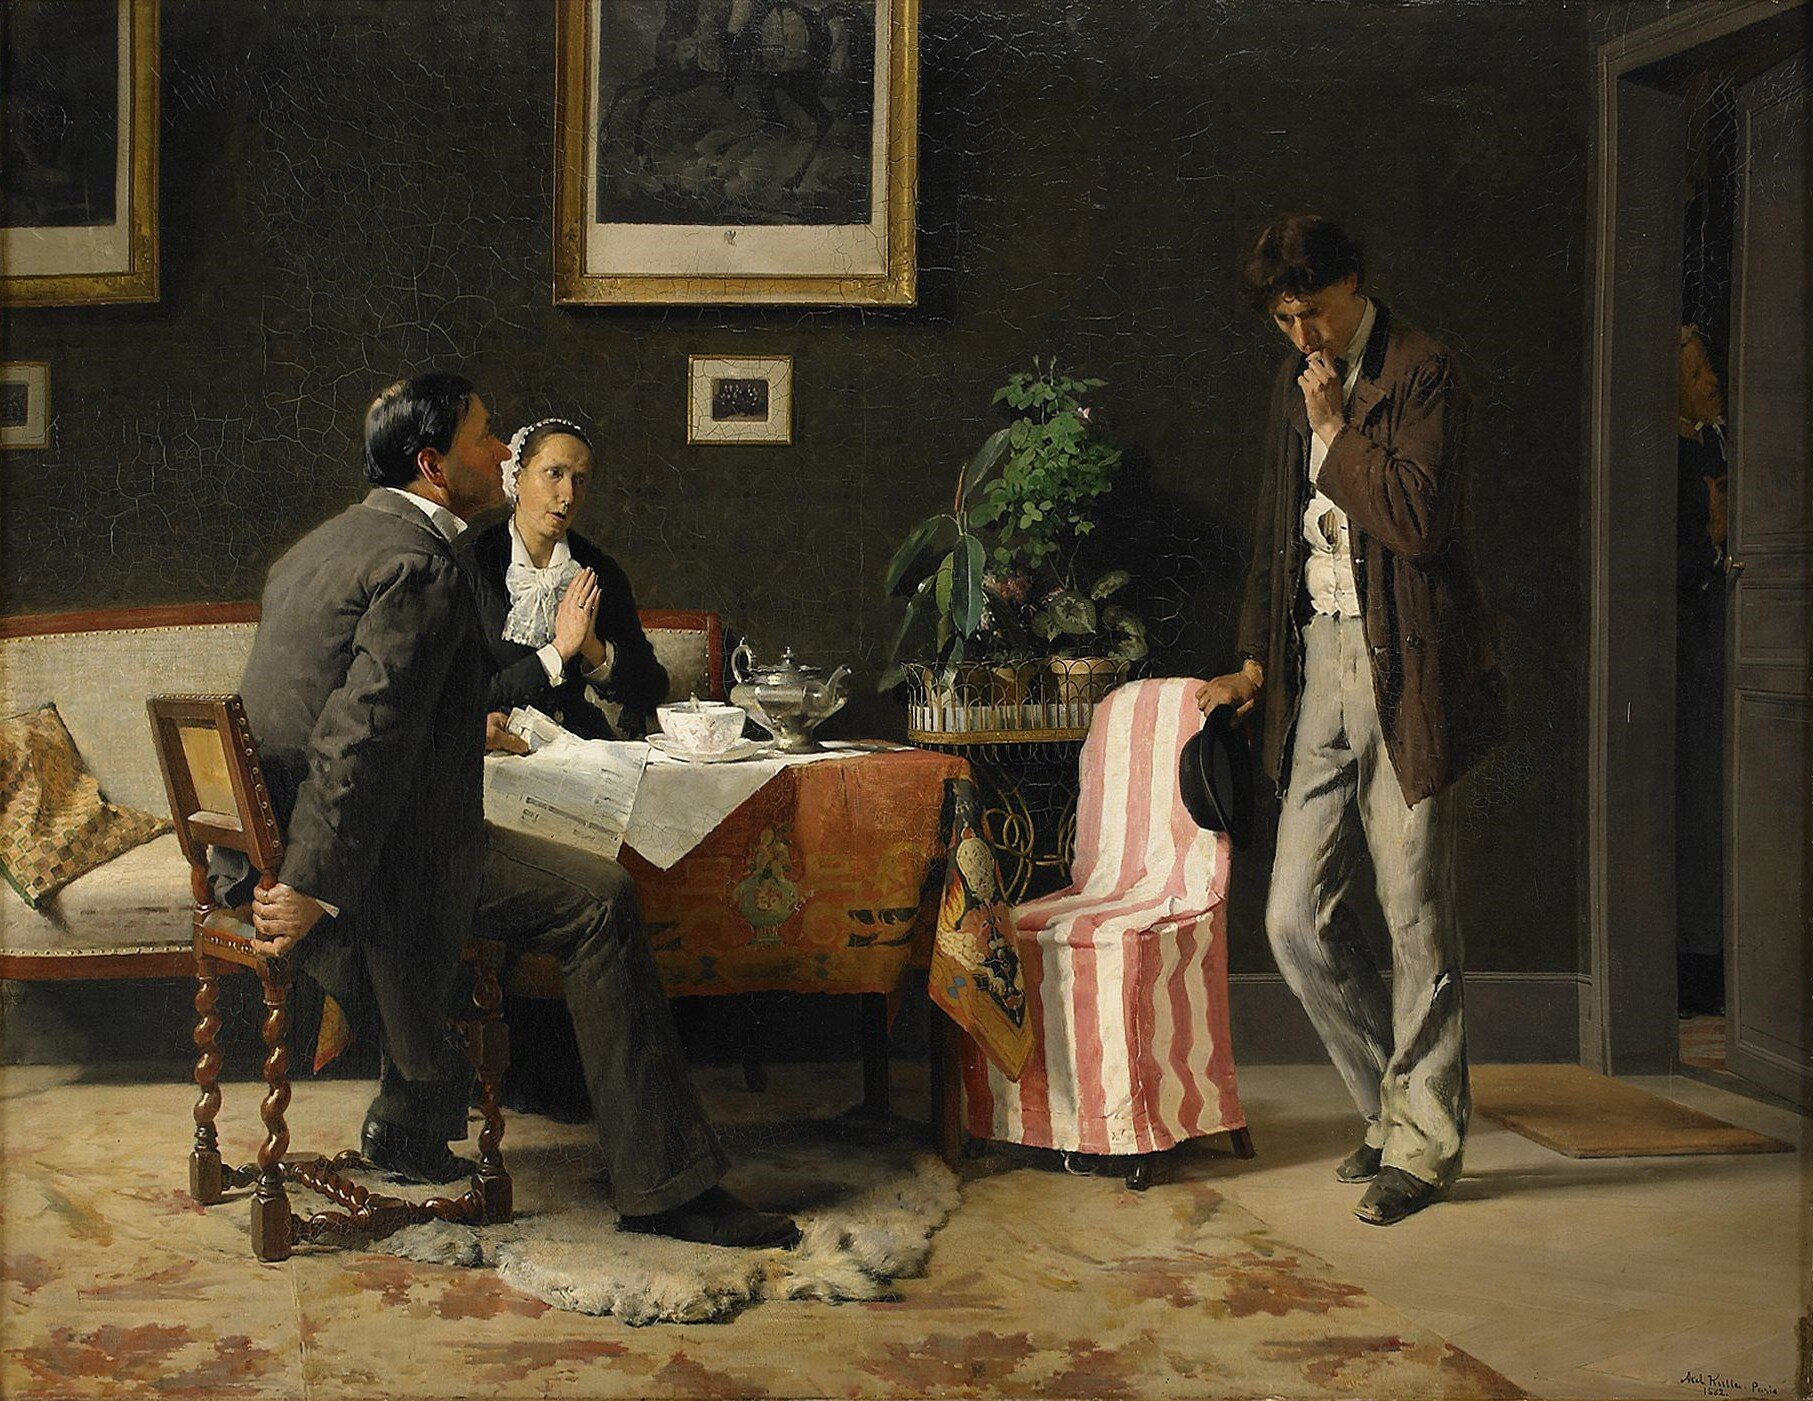 Powrót syna marnotrawnego Źródło: Axel Kulle, Powrót syna marnotrawnego, 1882, olej na desce, domena publiczna.